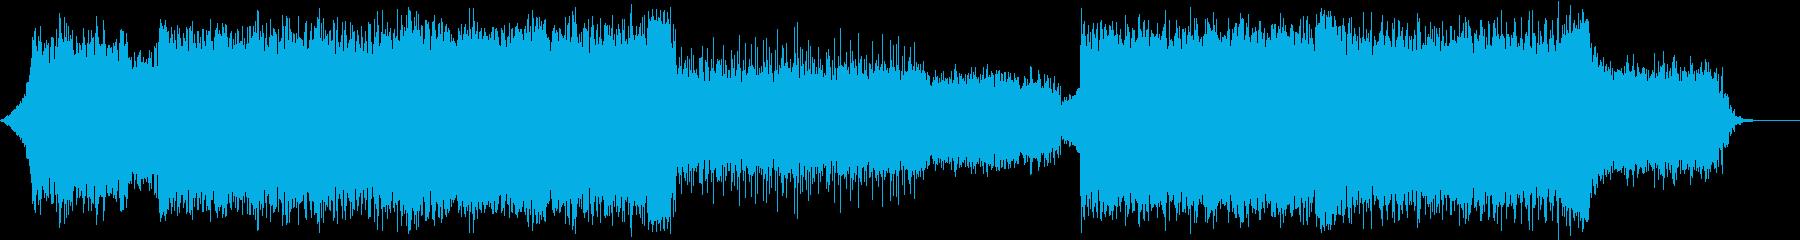 叙情的なラウドロック エンディングの再生済みの波形